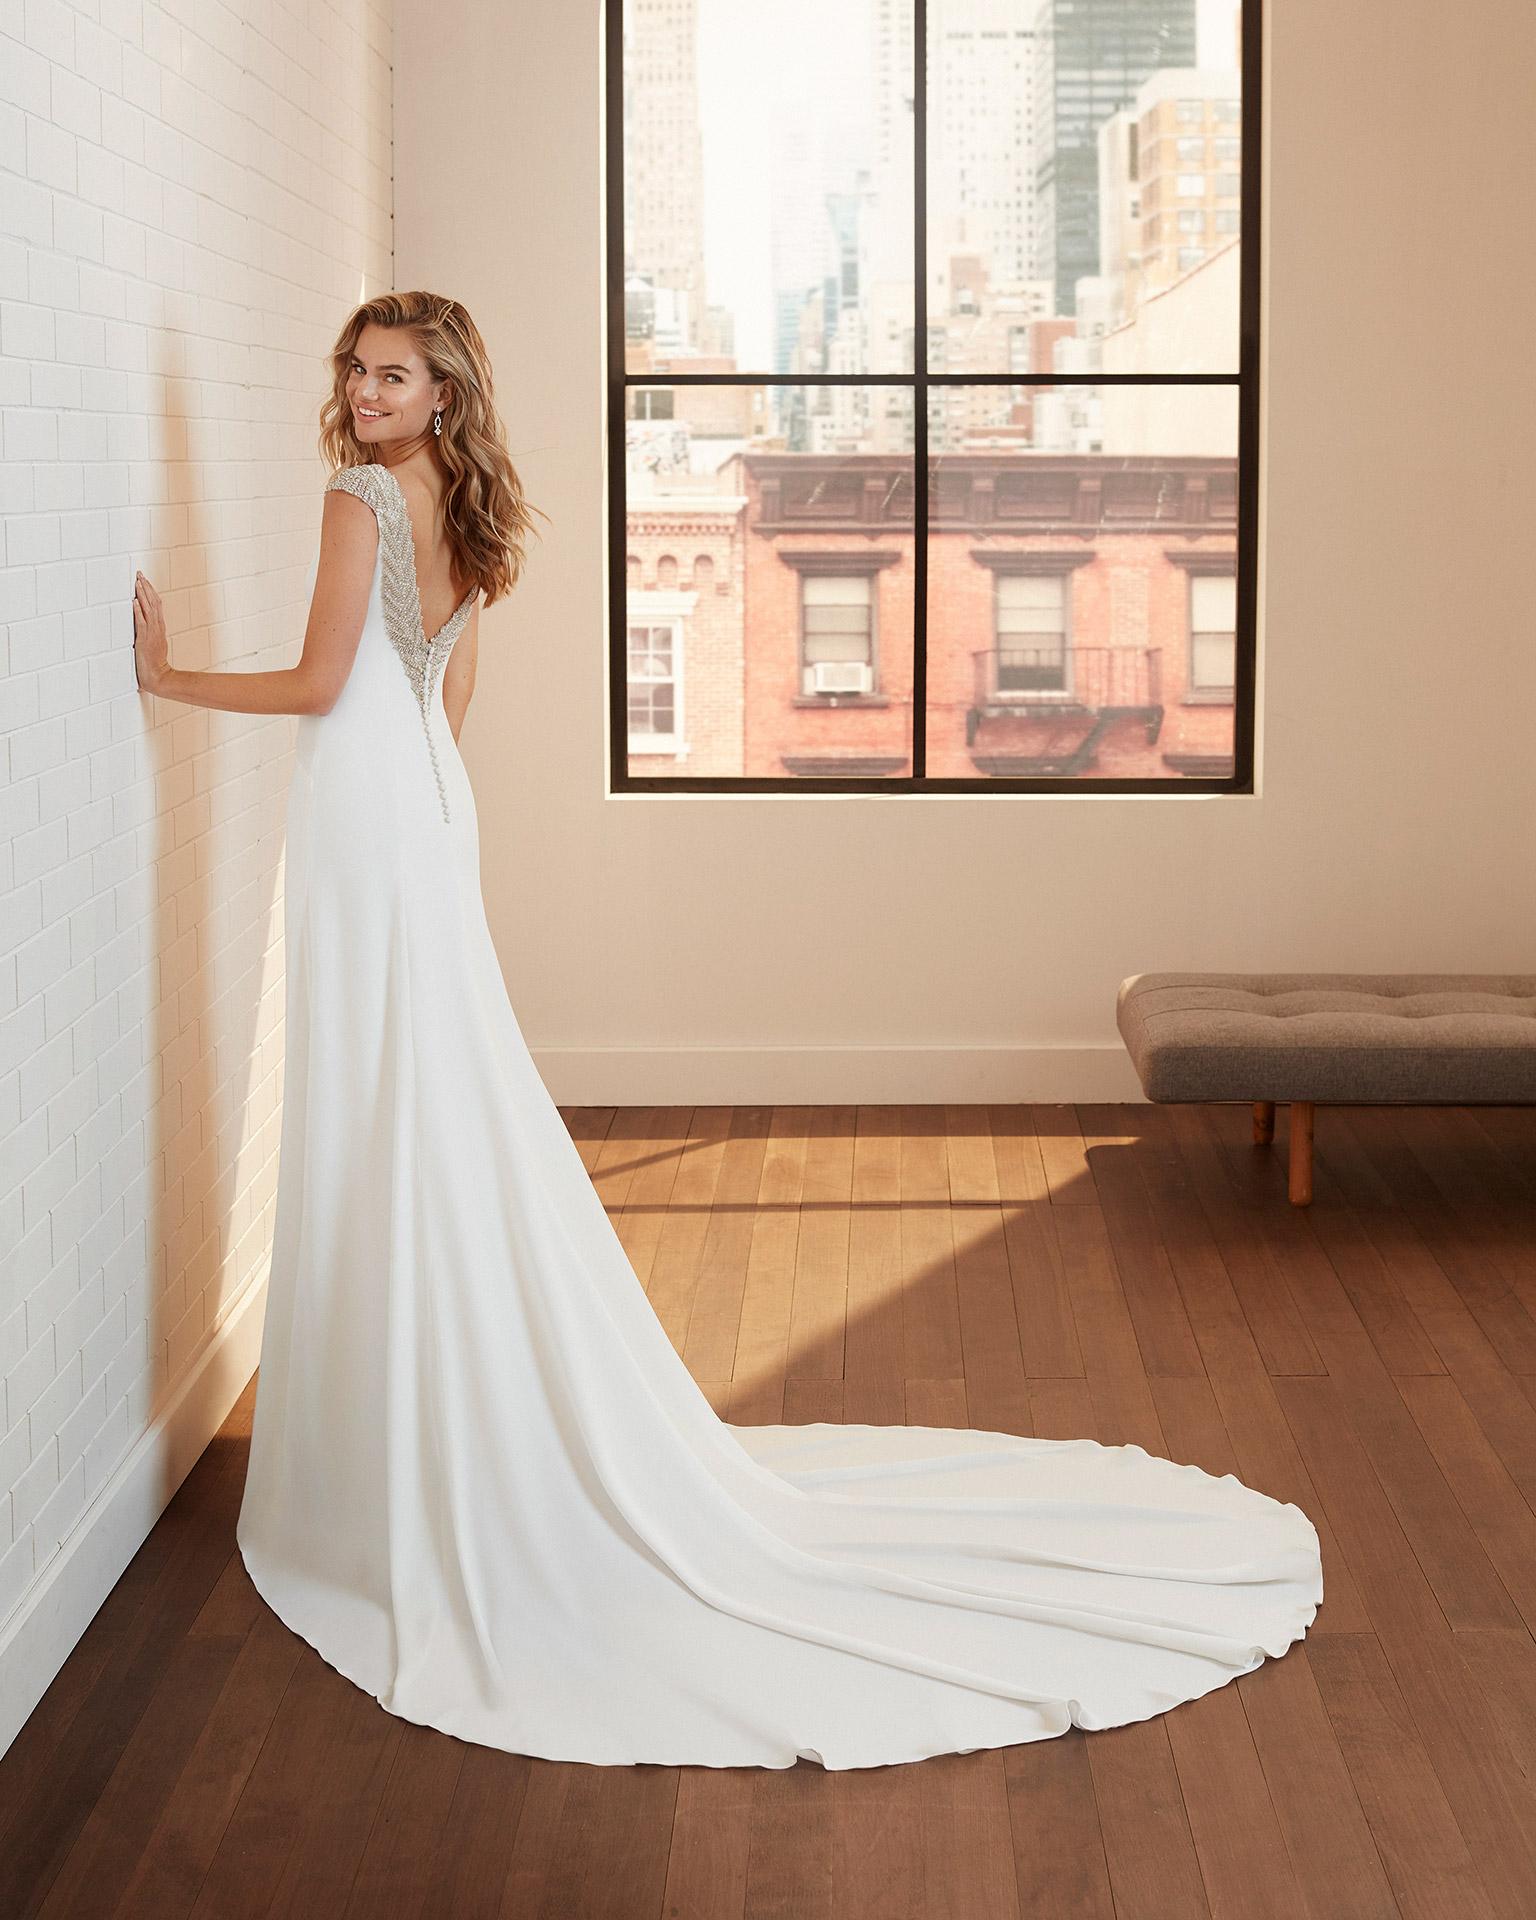 Vestido de novia corte recto de crep elástico con espalda escotada de pedrería. Colección  2020.